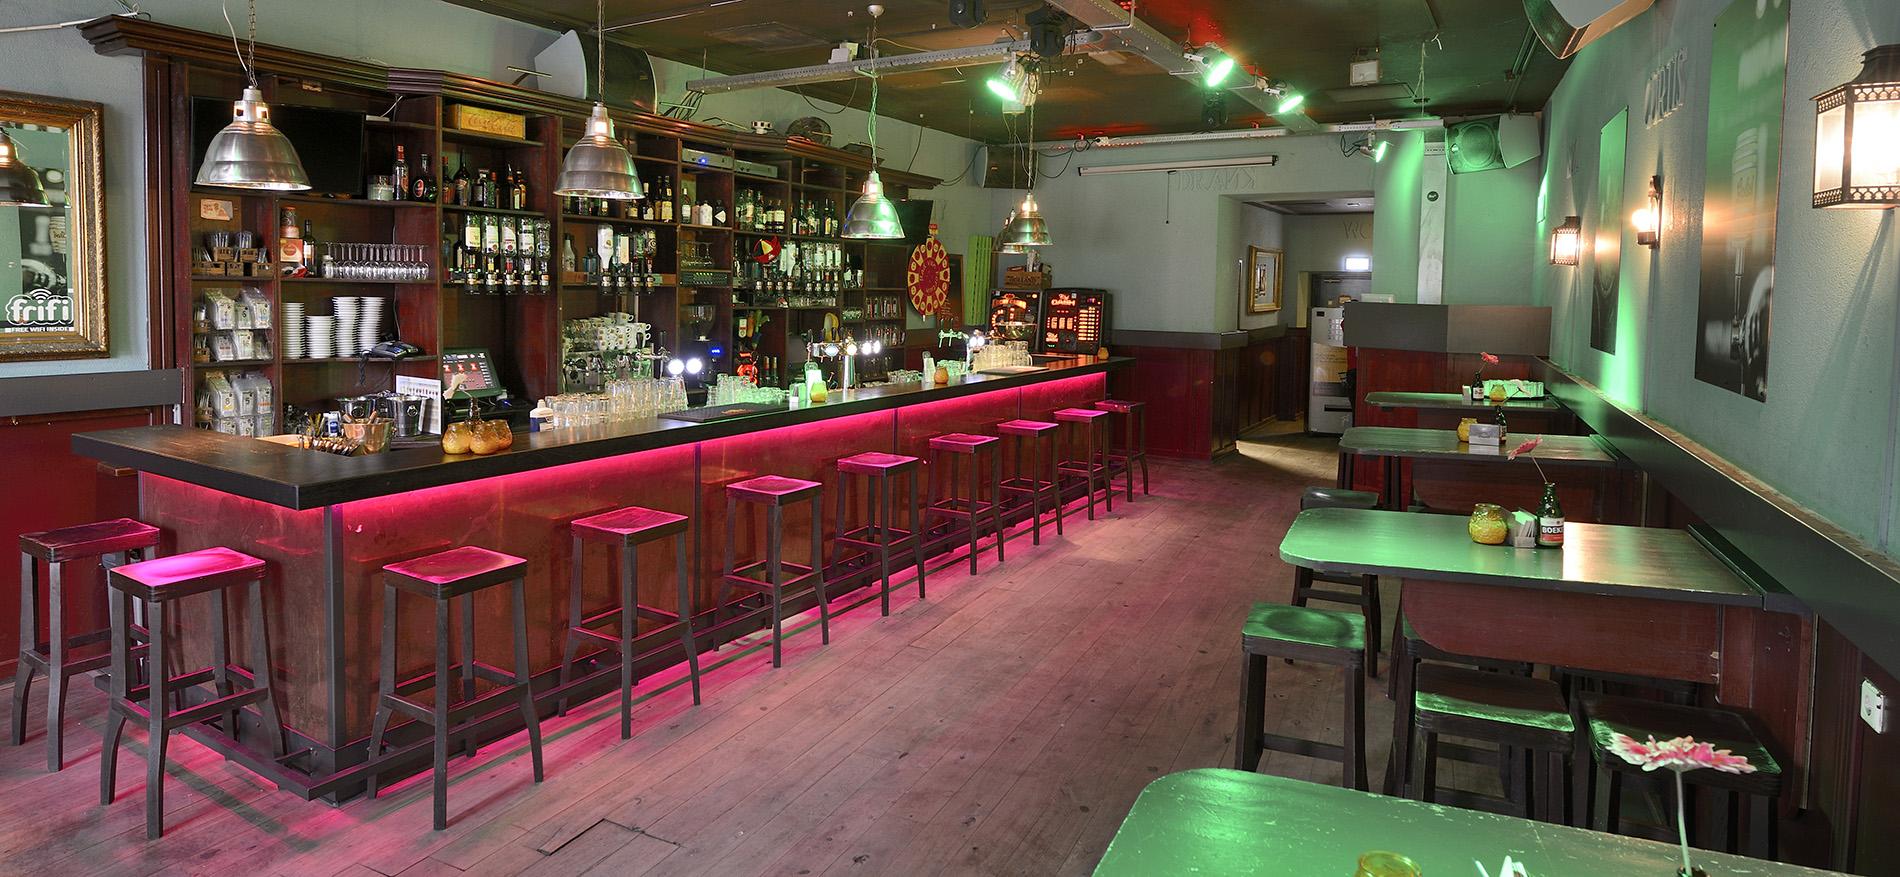 Ontwerp en interieur horeca curtis bar door wsb interieurbouw for Interieur amersfoort